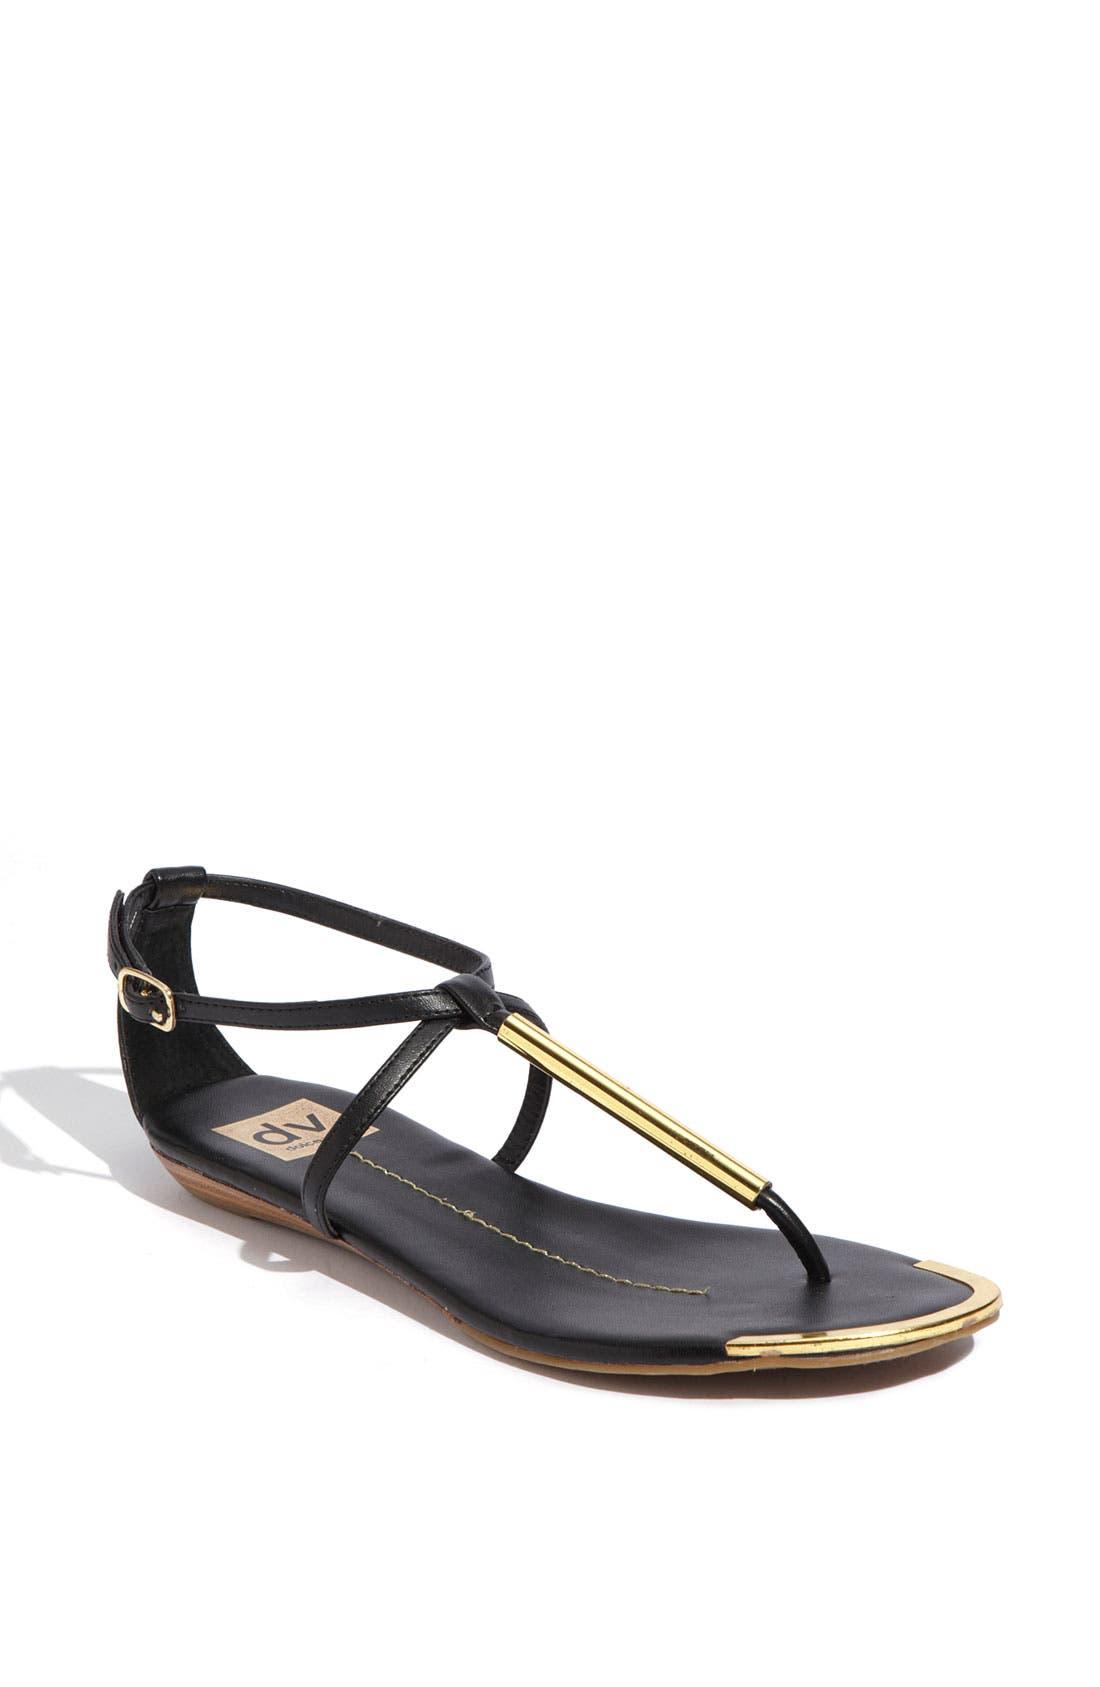 'Archer' Sandal, Main, color, 001